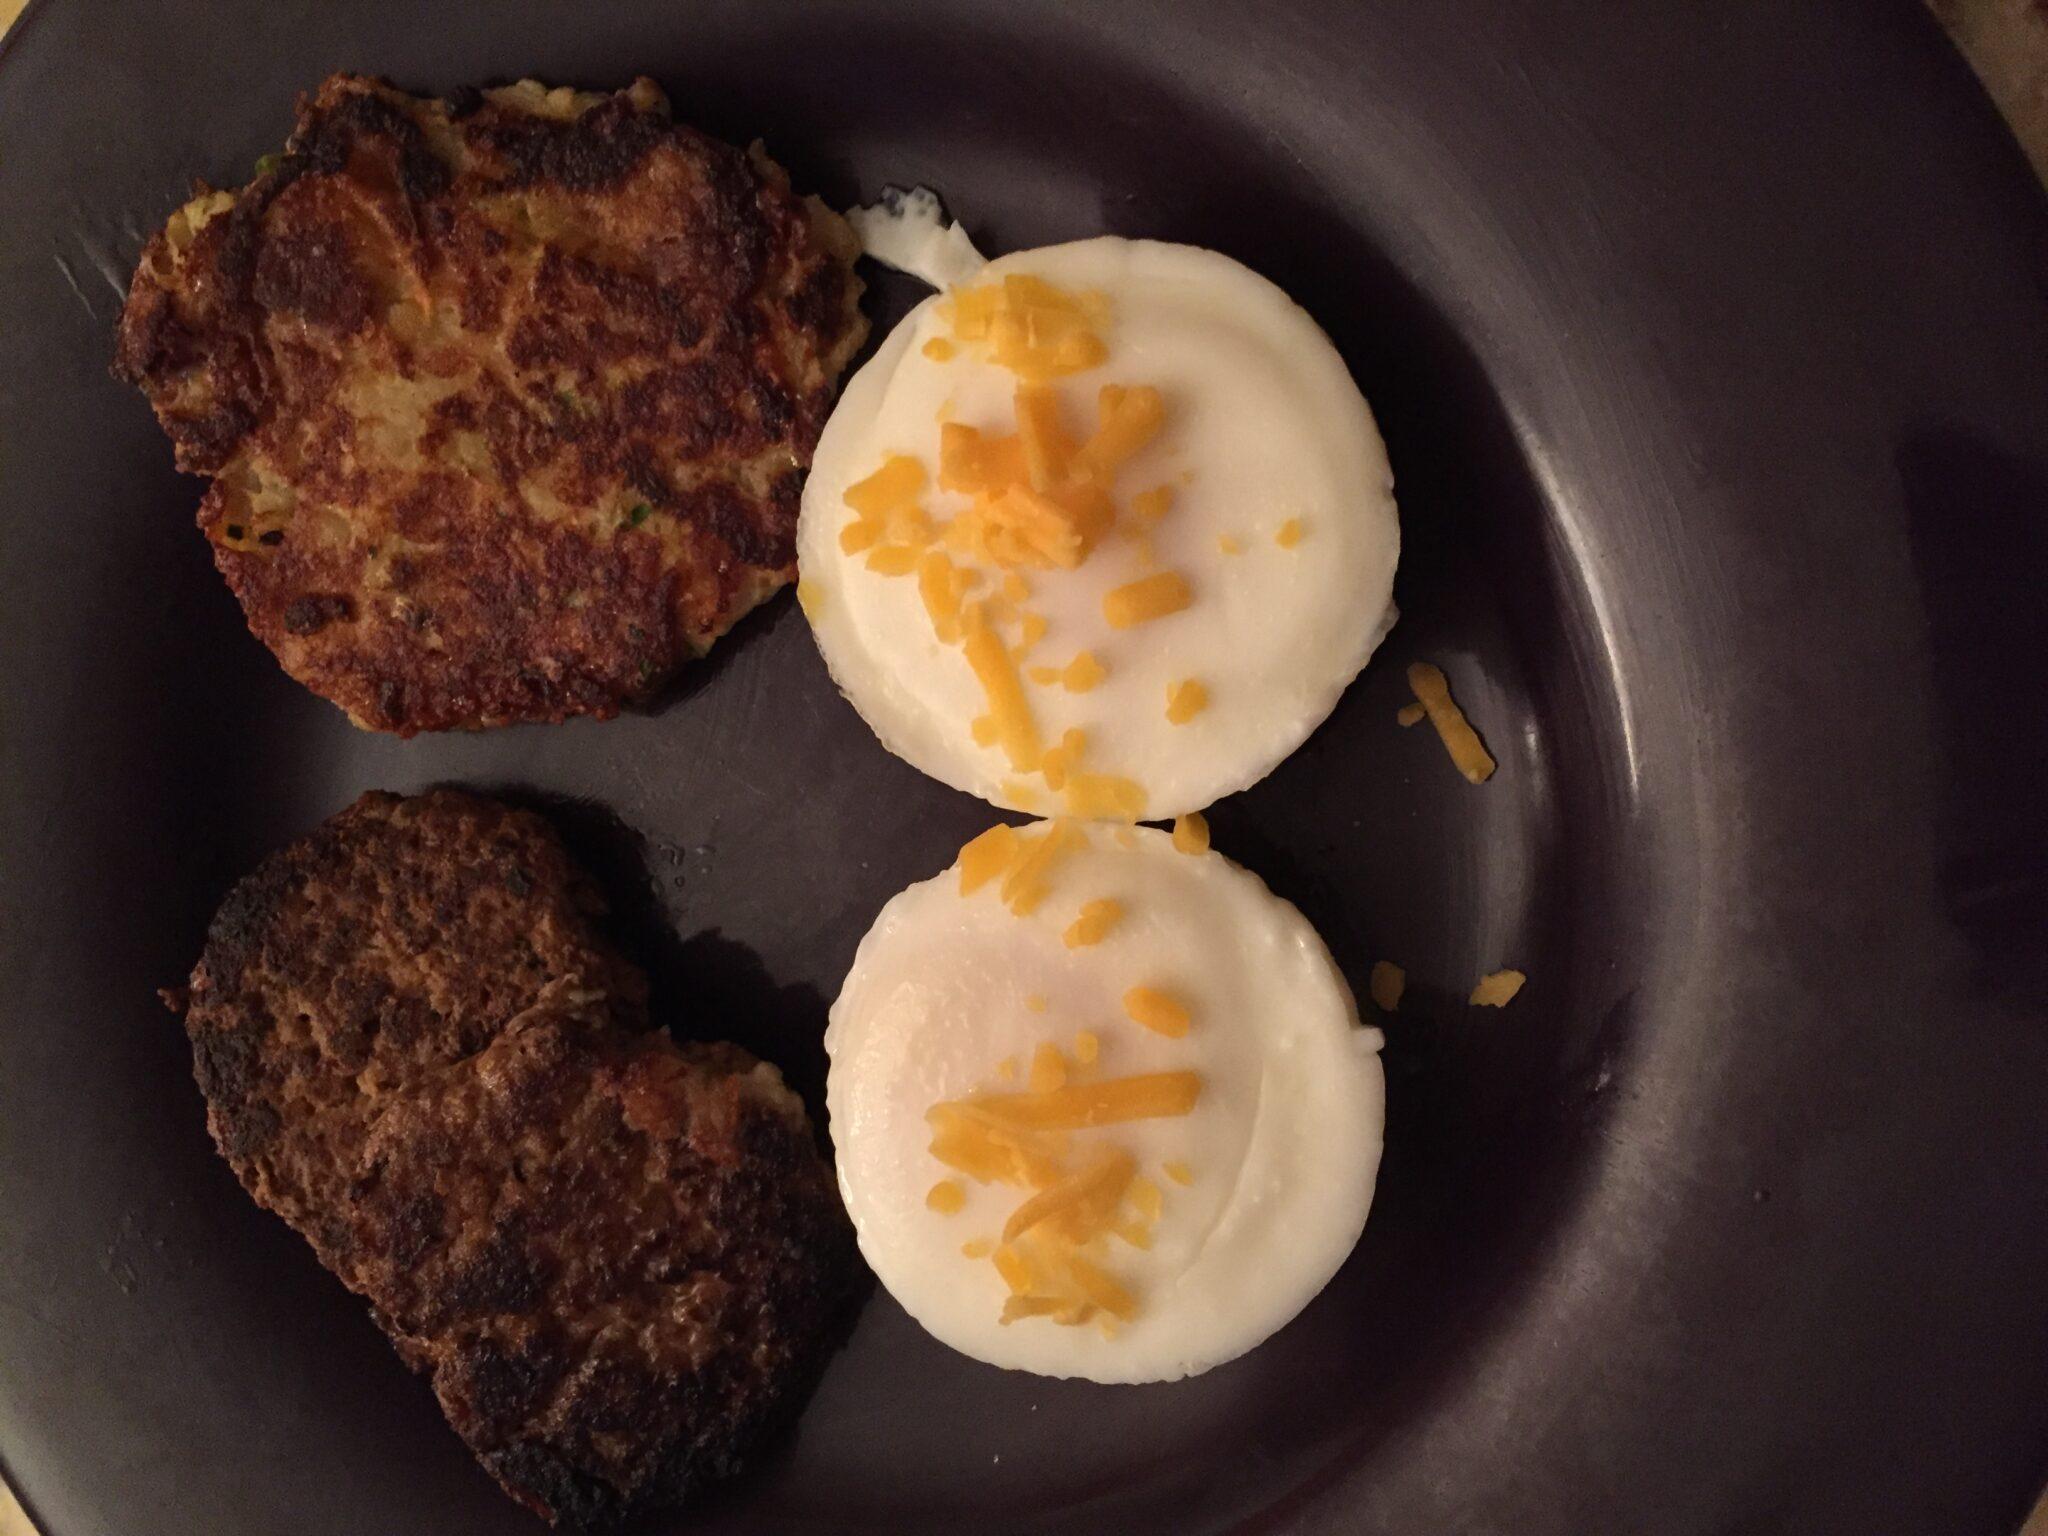 Potato, Potaato, Pancakes – One Way To Use Leftovers